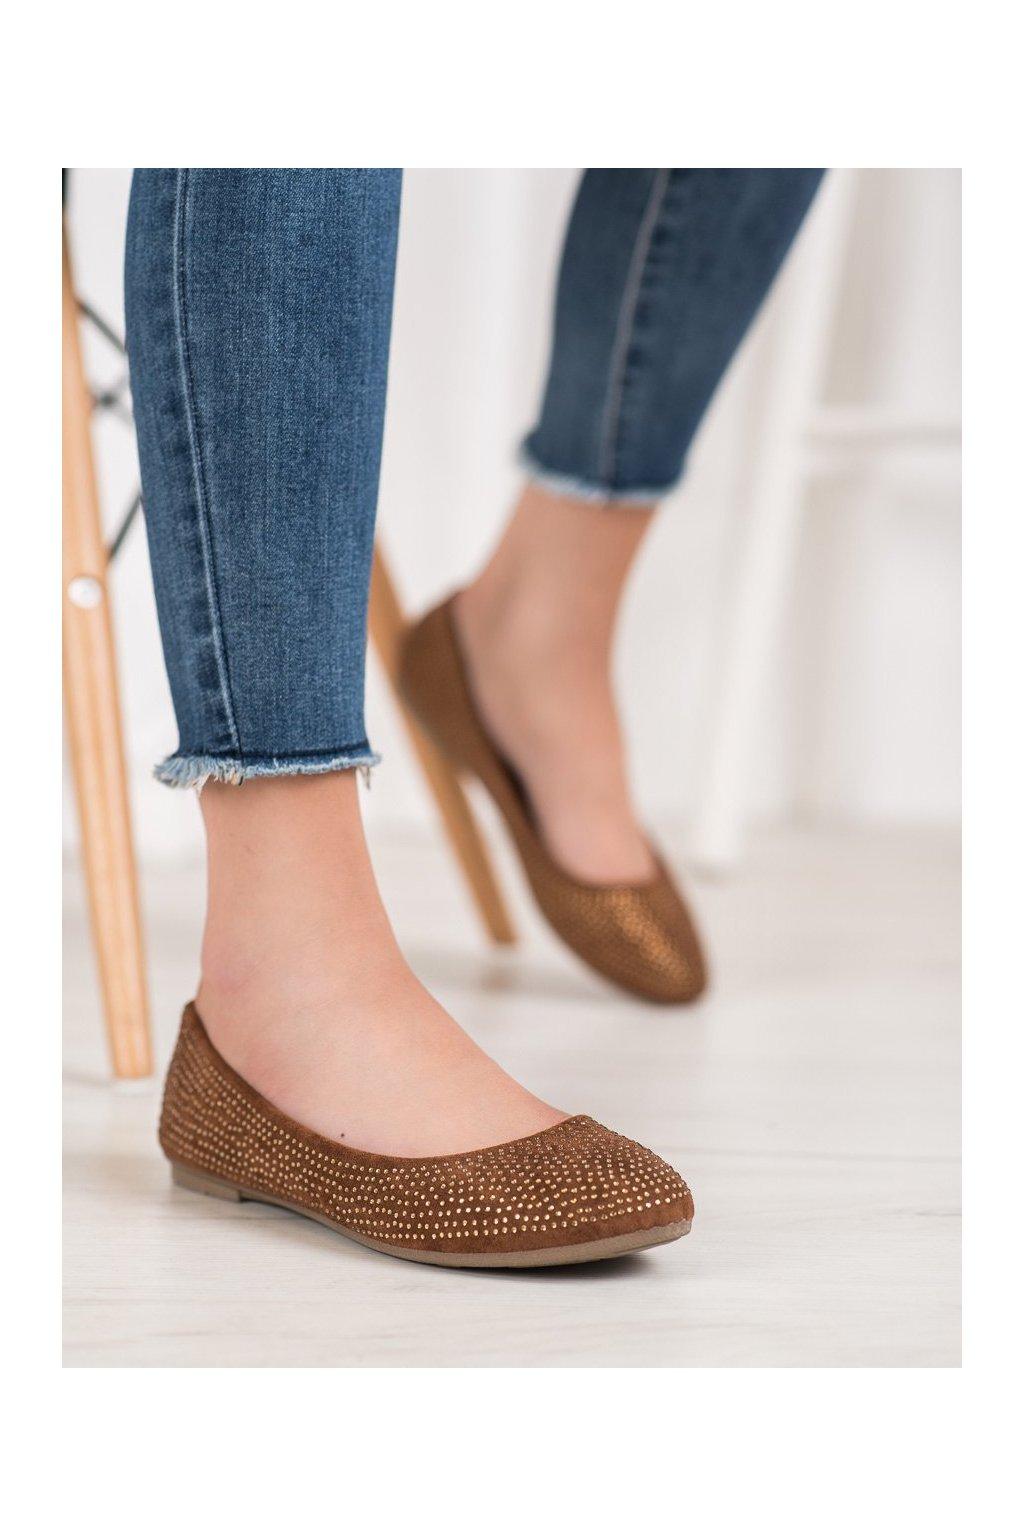 Hnedé topánky Diamantique kod 9988-12C